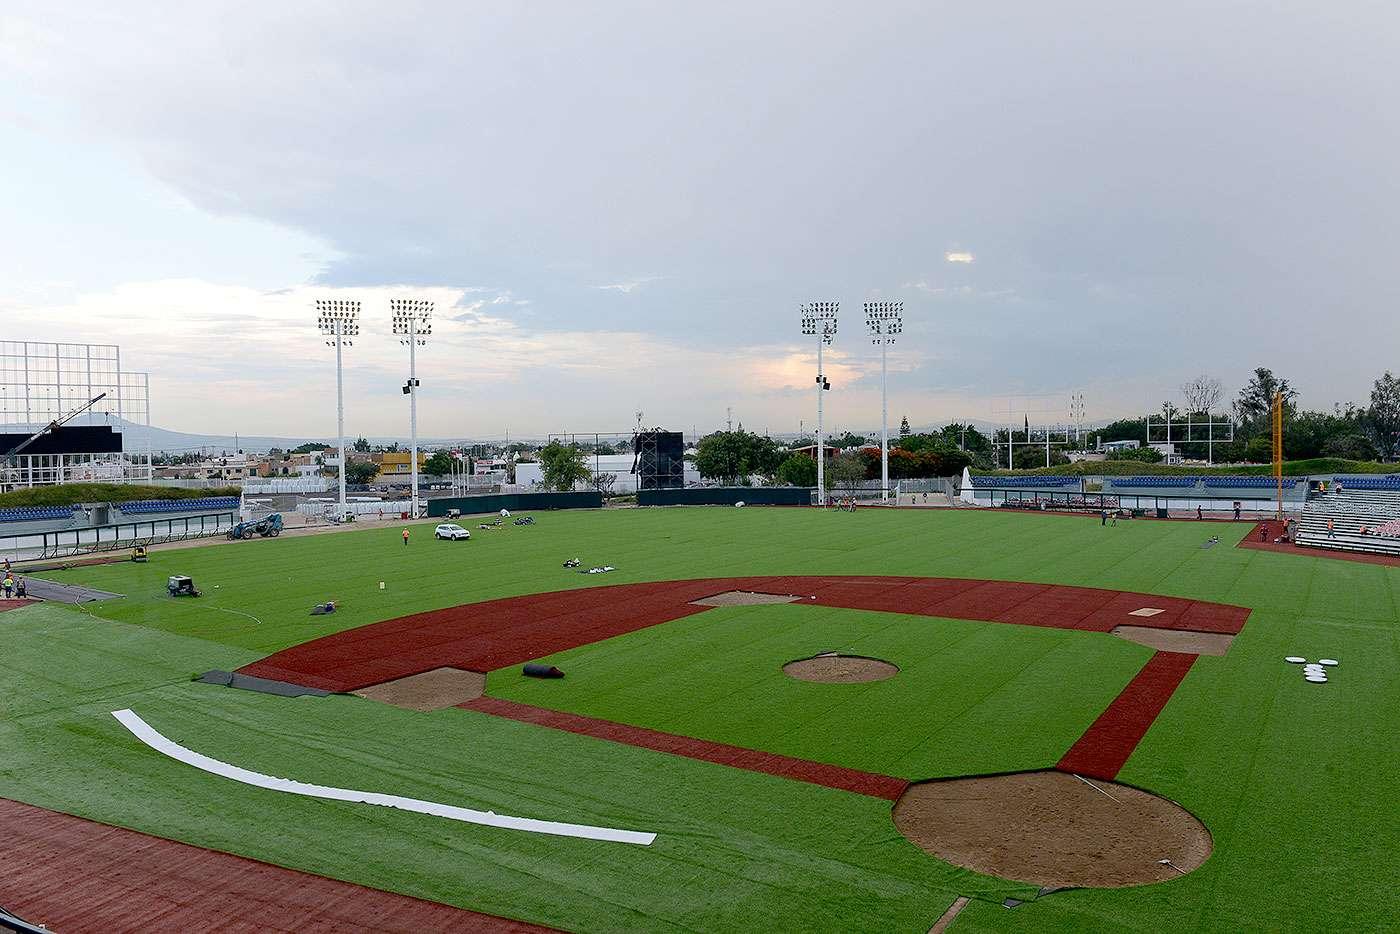 Las obras de adecuación en el estadio de Atletismo de Zapopan, la casa del equipo de beisbol Charros de Jalisco, están muy avanzadas para la temporada de Liga Mexicana del Pacífico. Foto: Charros de Jalisco